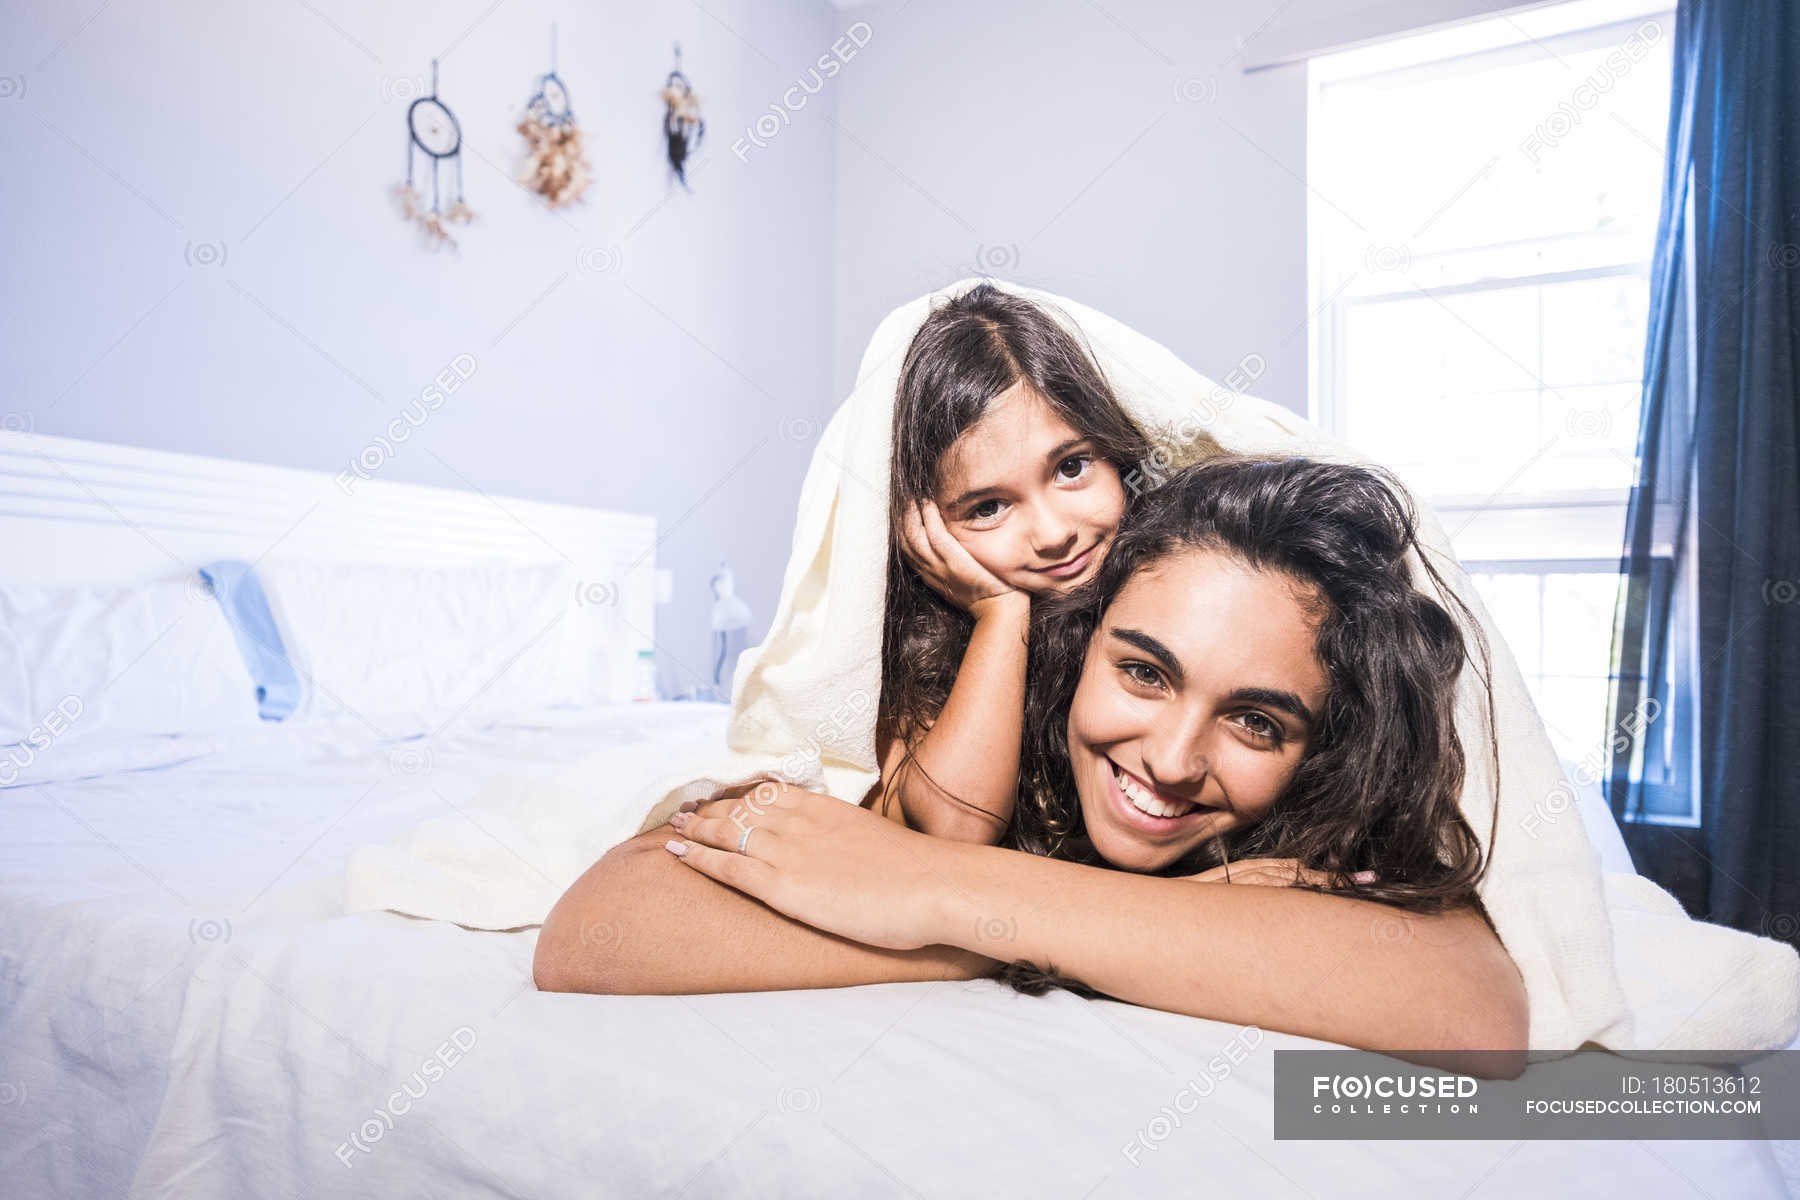 Трахнул сестру без ее разрешения, Не спросил разрешения и трахнул спящую сестру при 20 фотография